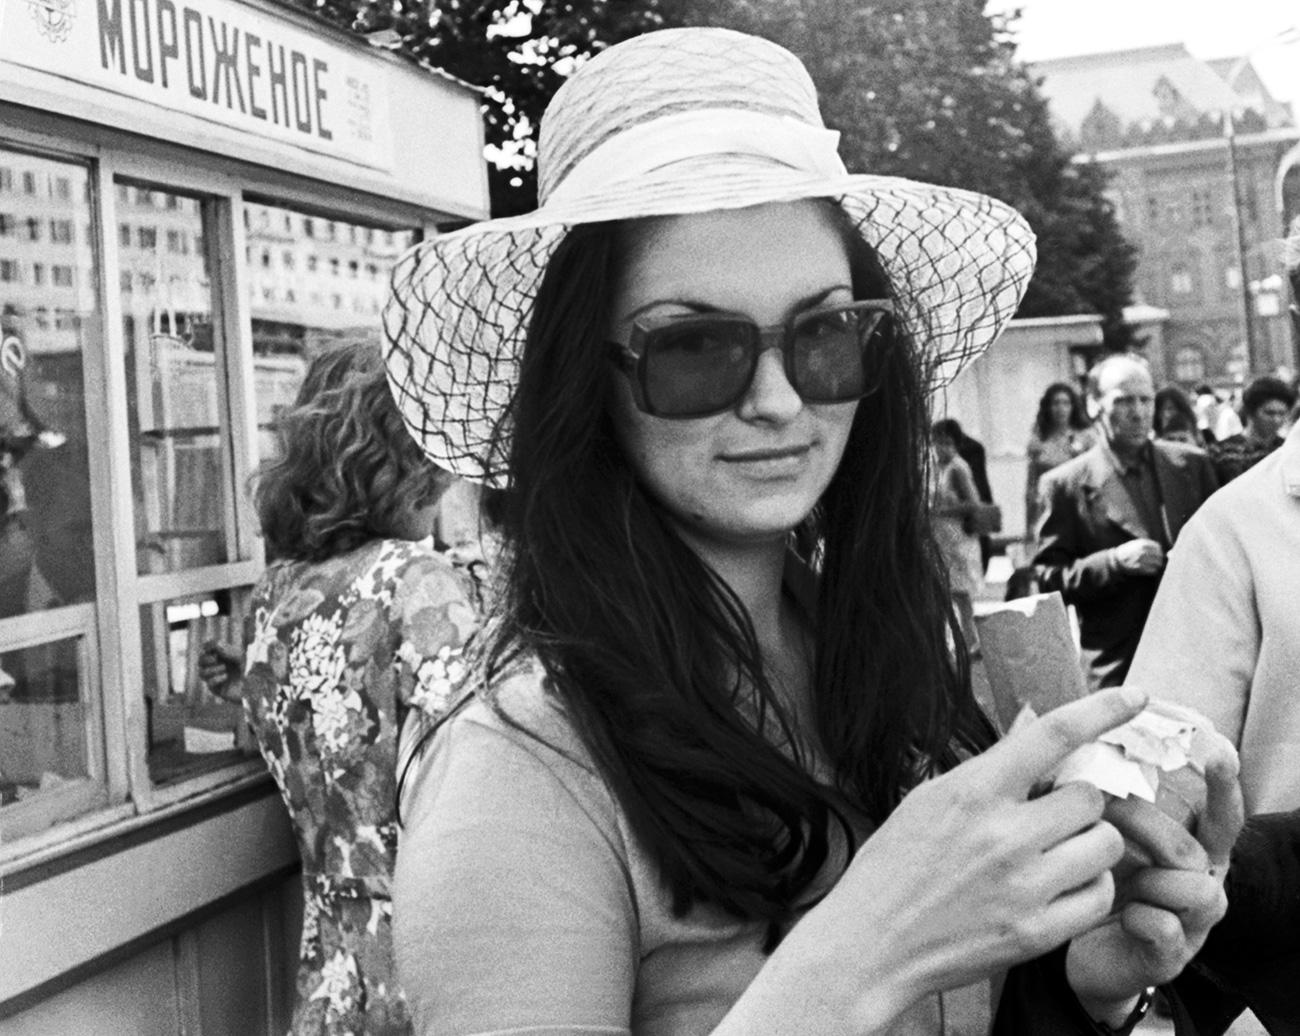 """Il più caro tra i gelati sovietici (48 copeche) era il fior di latte """"Plombir"""". Pesava 250 grammi, ma questa porzione non era abbastanza per l'intera famiglia. I sovietici lo amavano ricoperto di marmellata fatta in casa (in russo, varenje) // La turista bulgara Anja Kapitanova mangia un gelato nel centro di Mosca, 1976"""